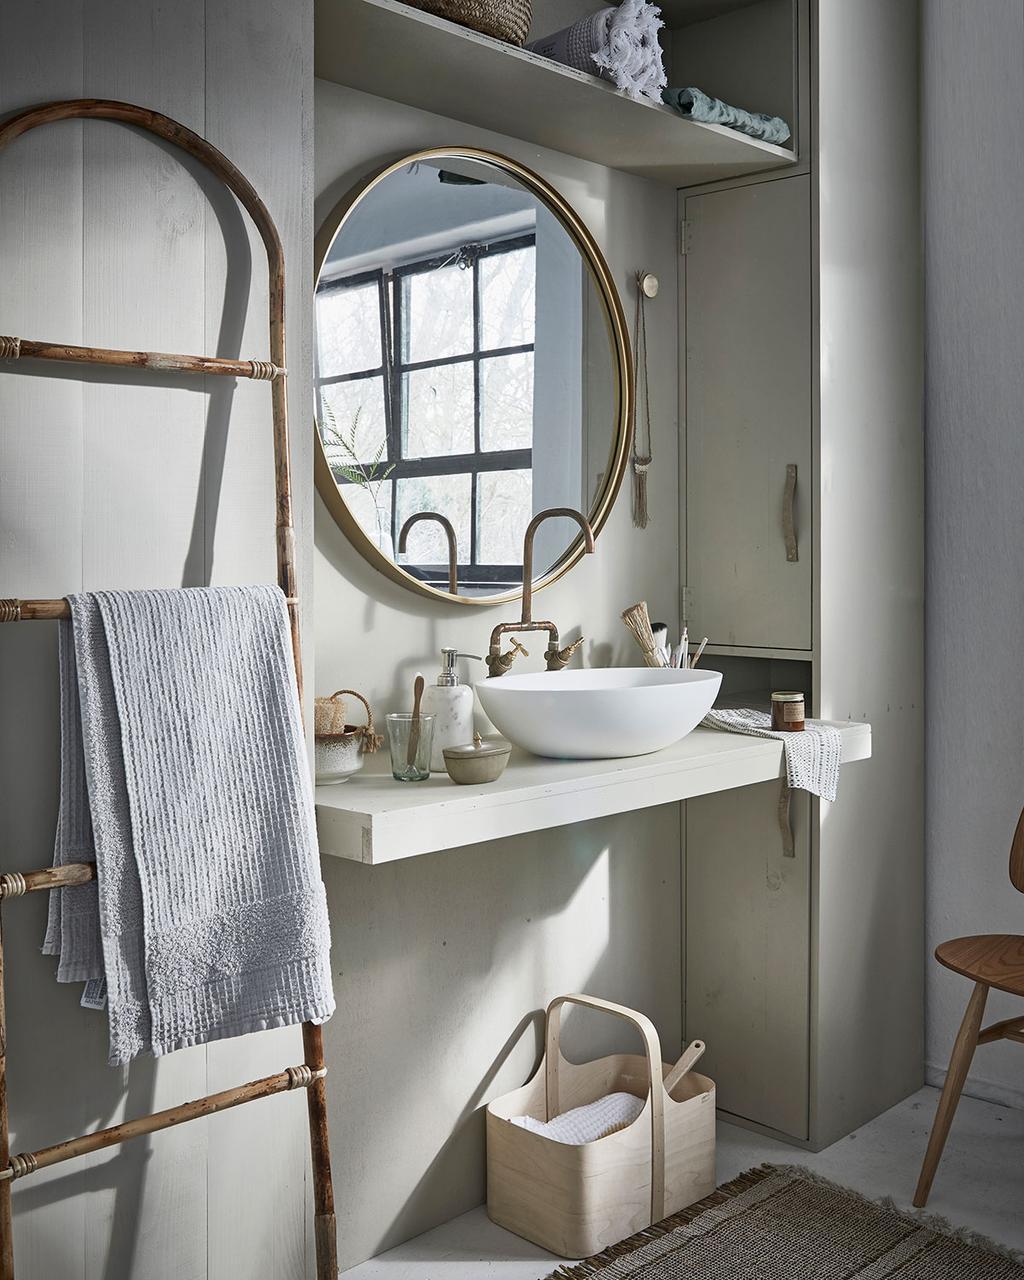 Badkamer met ombouwkast